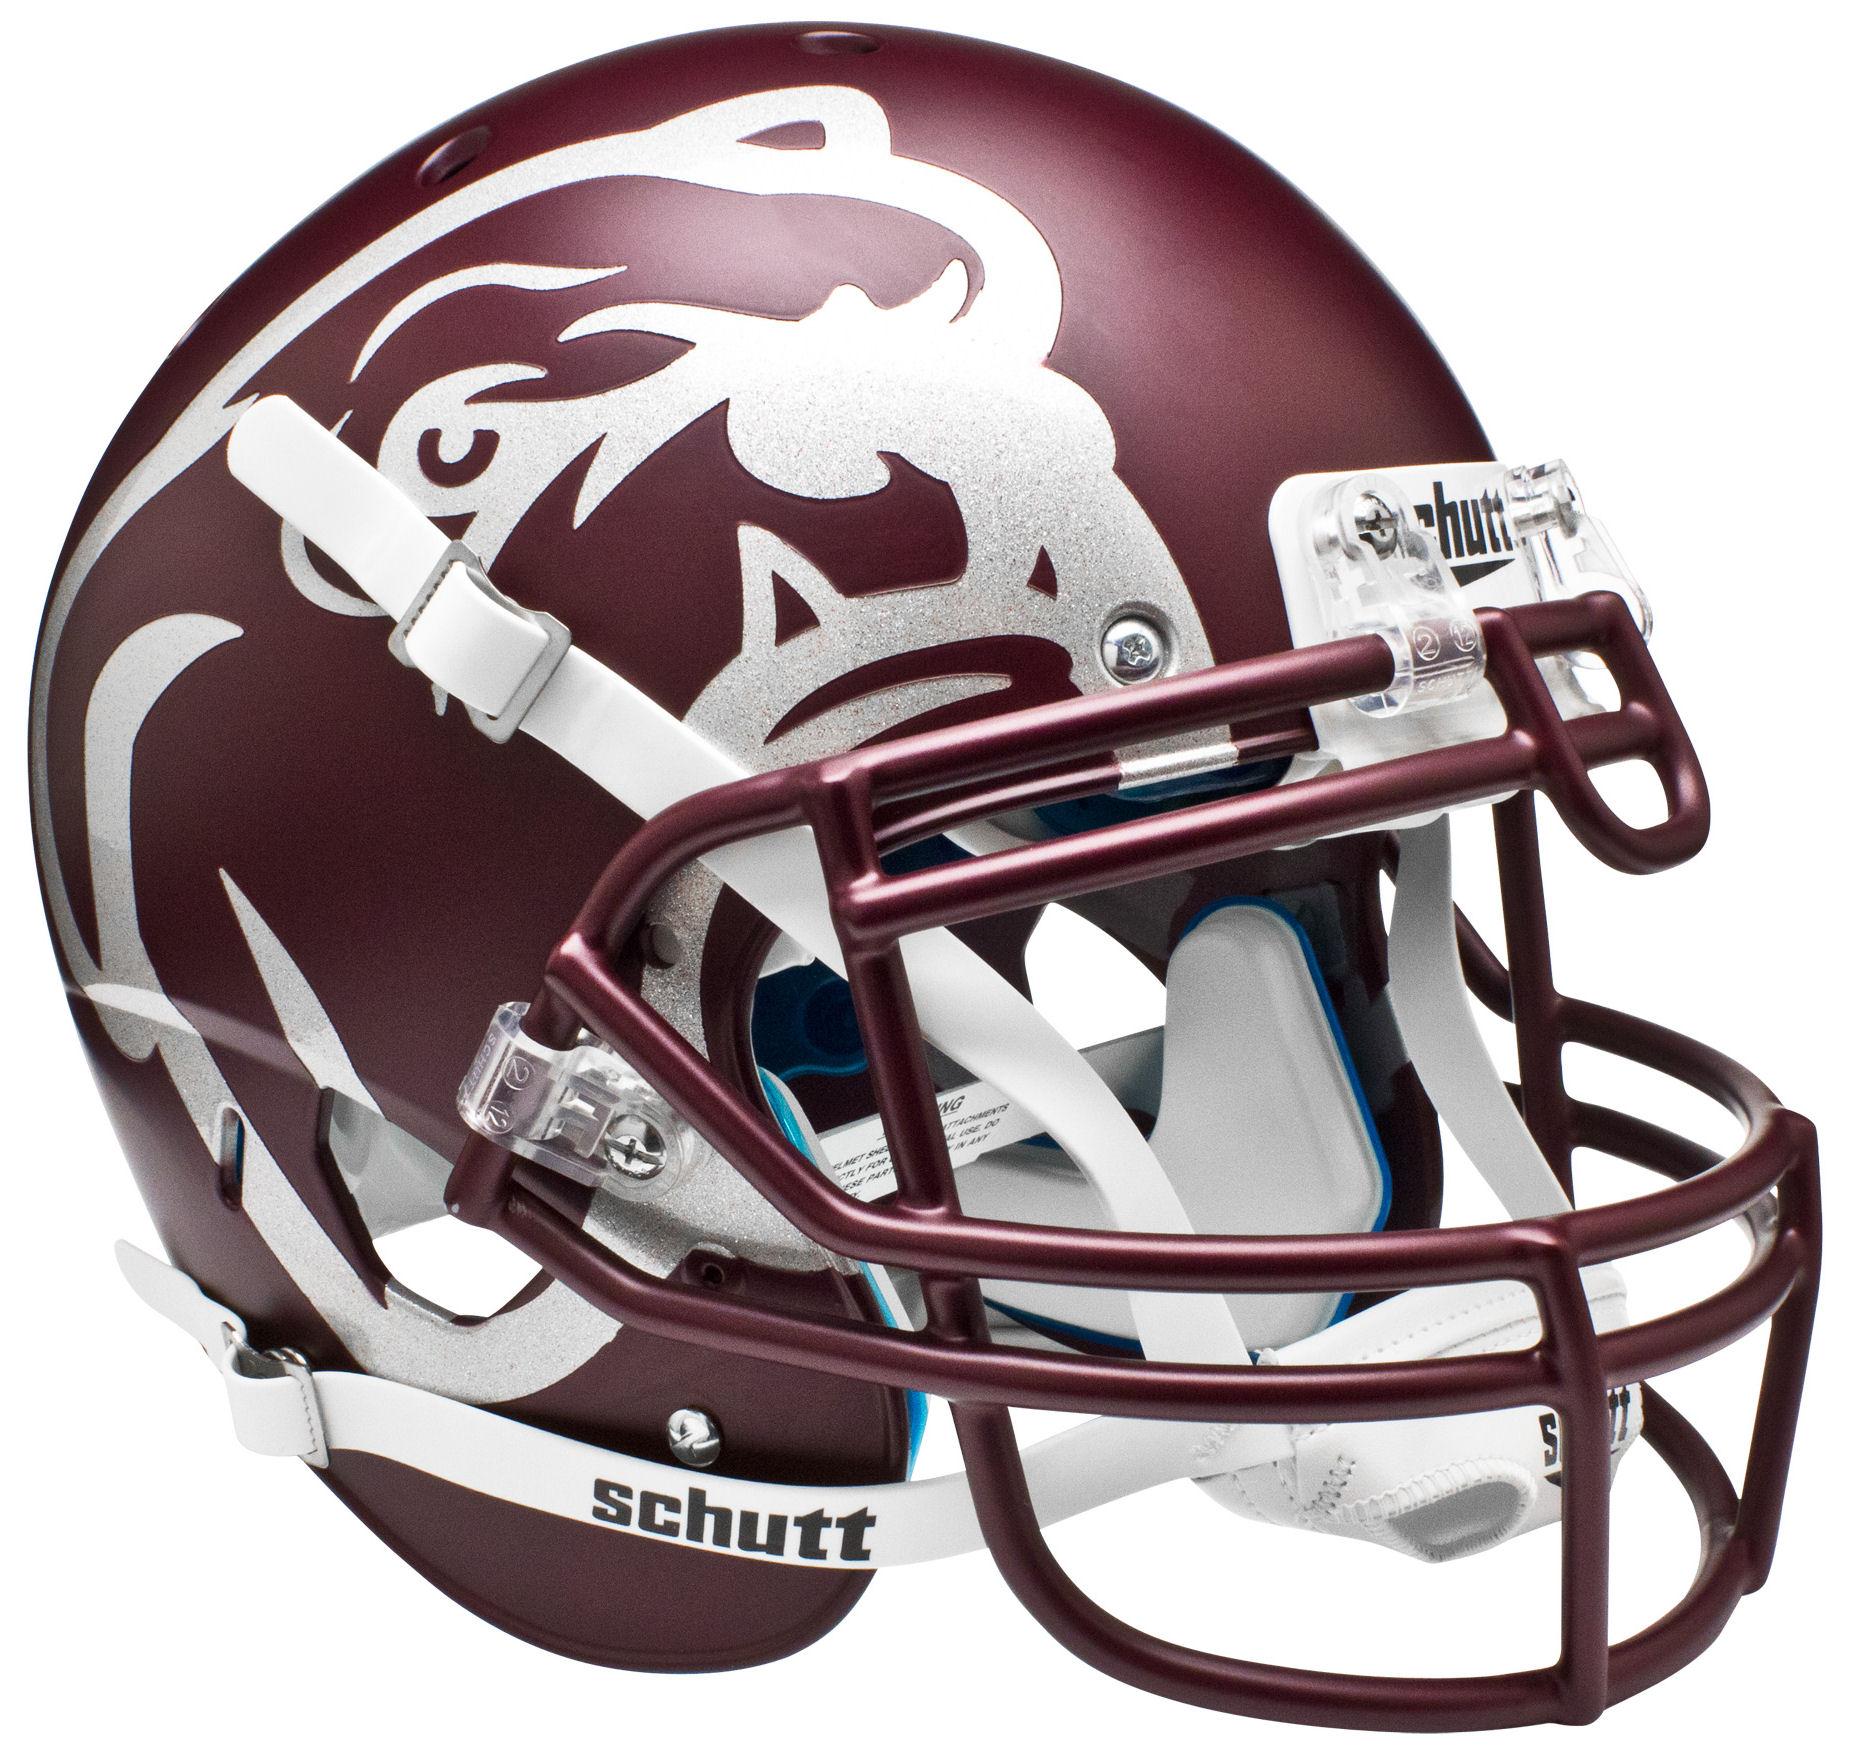 Mississippi State Bulldogs Authentic College XP Football Helmet Schutt <B>Maroon</B>